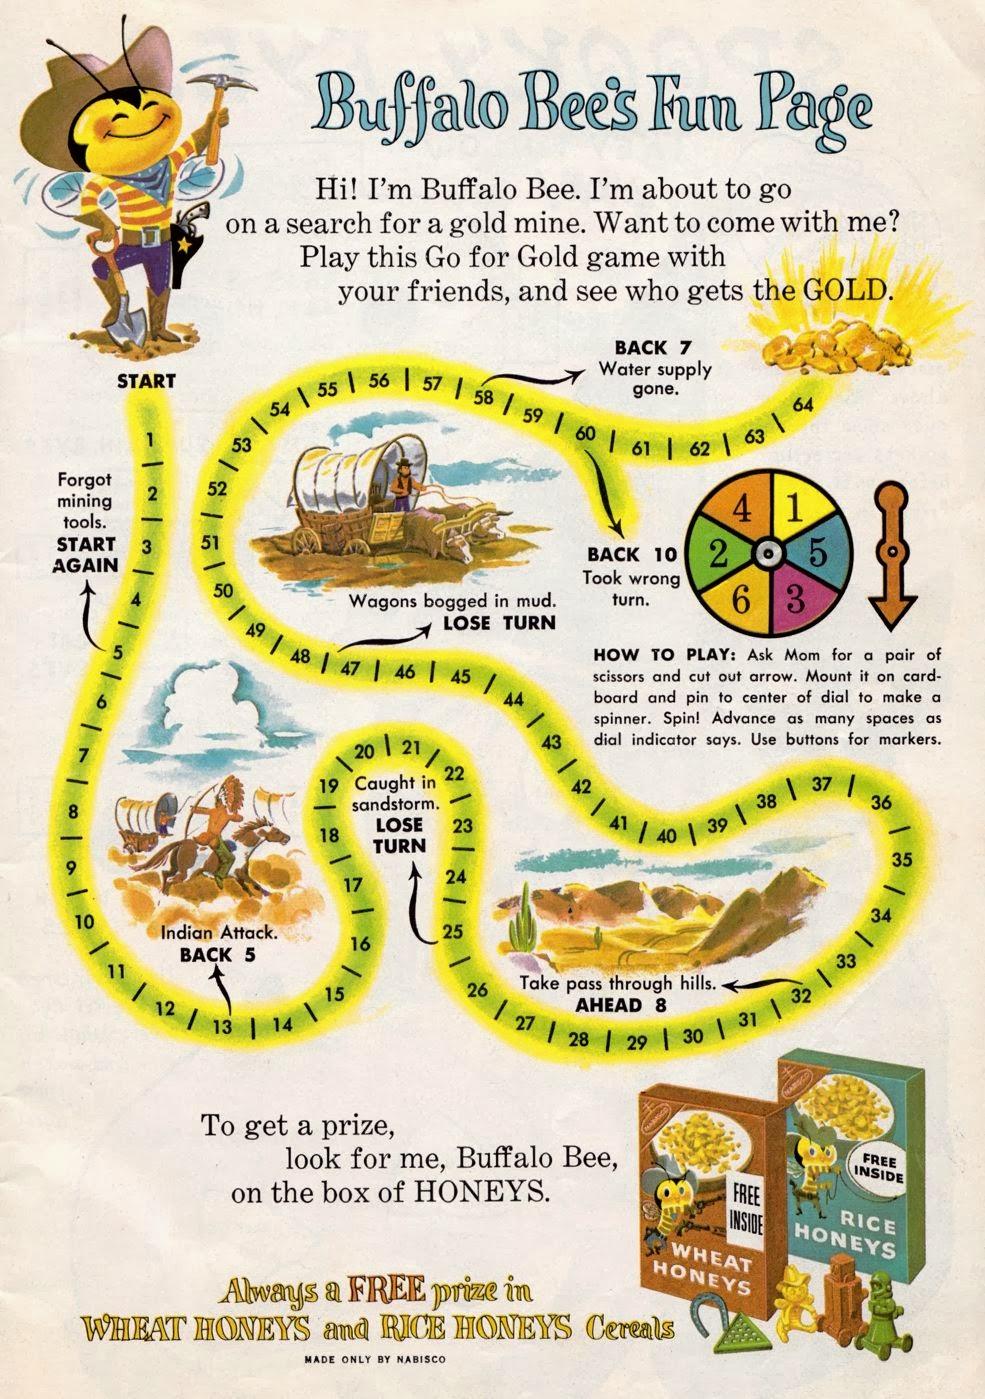 Buffalo Bee Fun Page